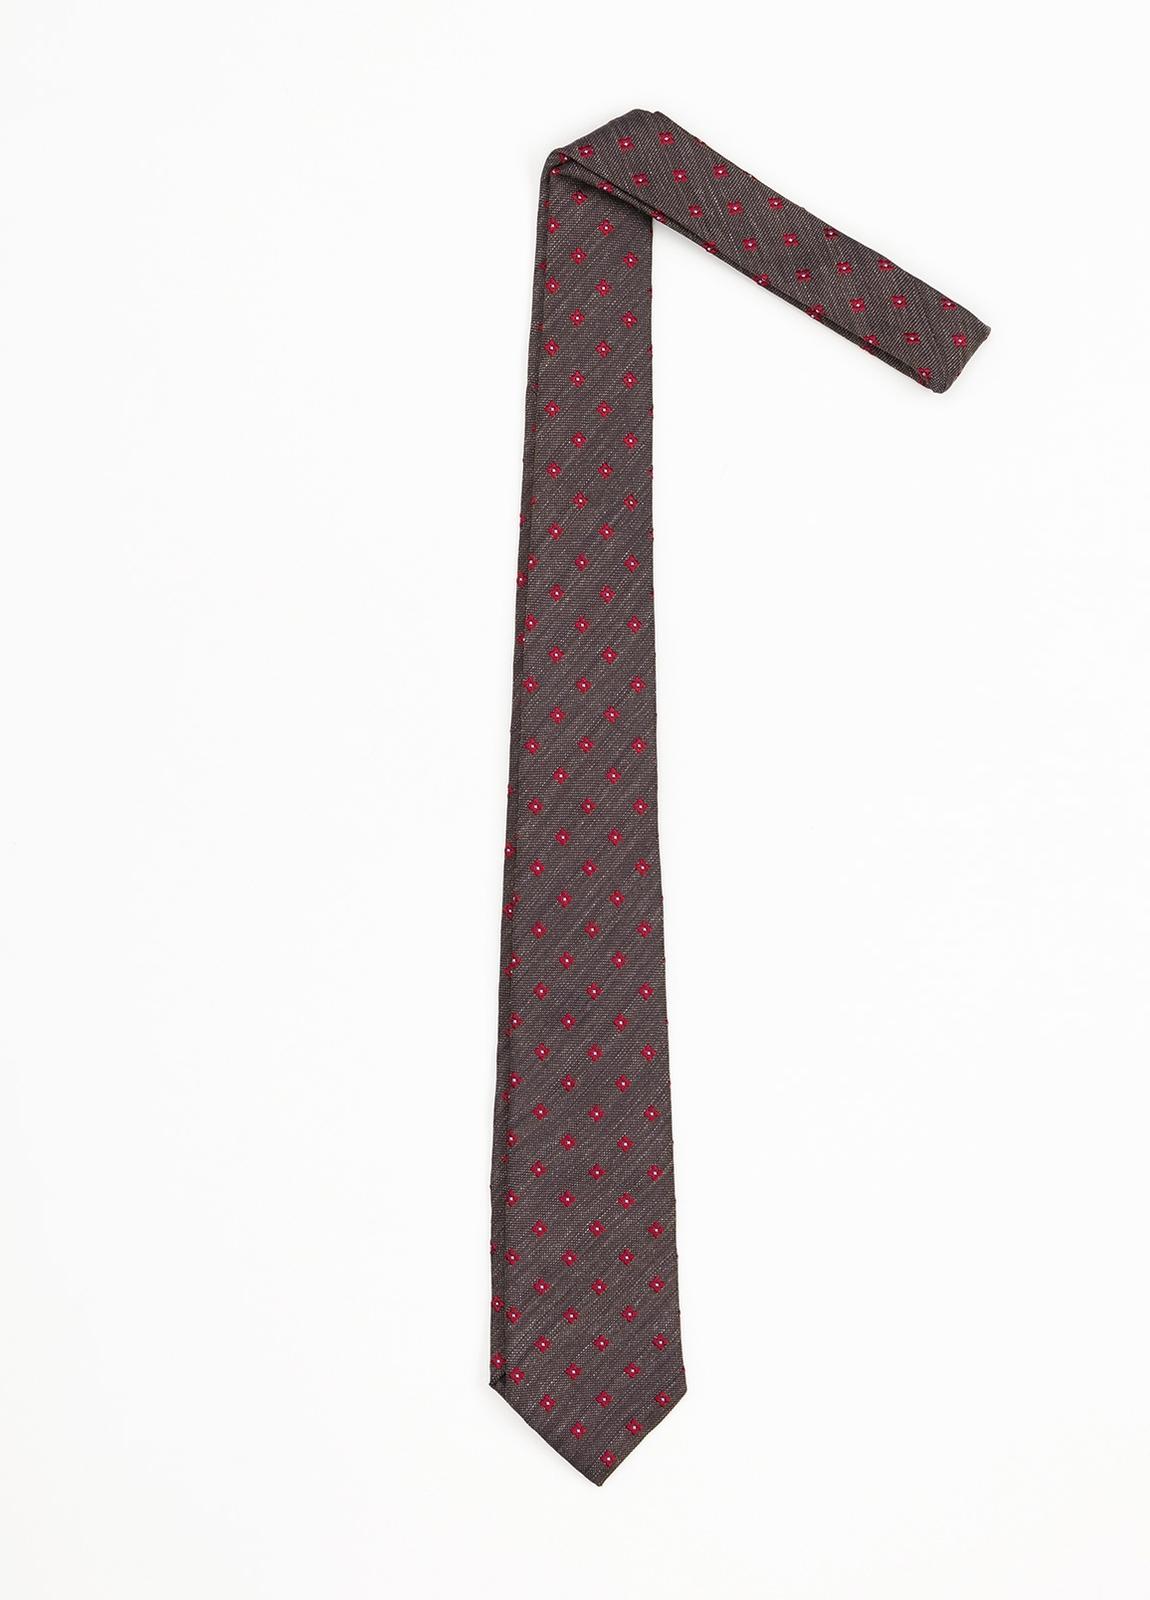 Corbata Formal Wear estampado flor, color marrón. Pala 7,5 cm. 100% Seda.